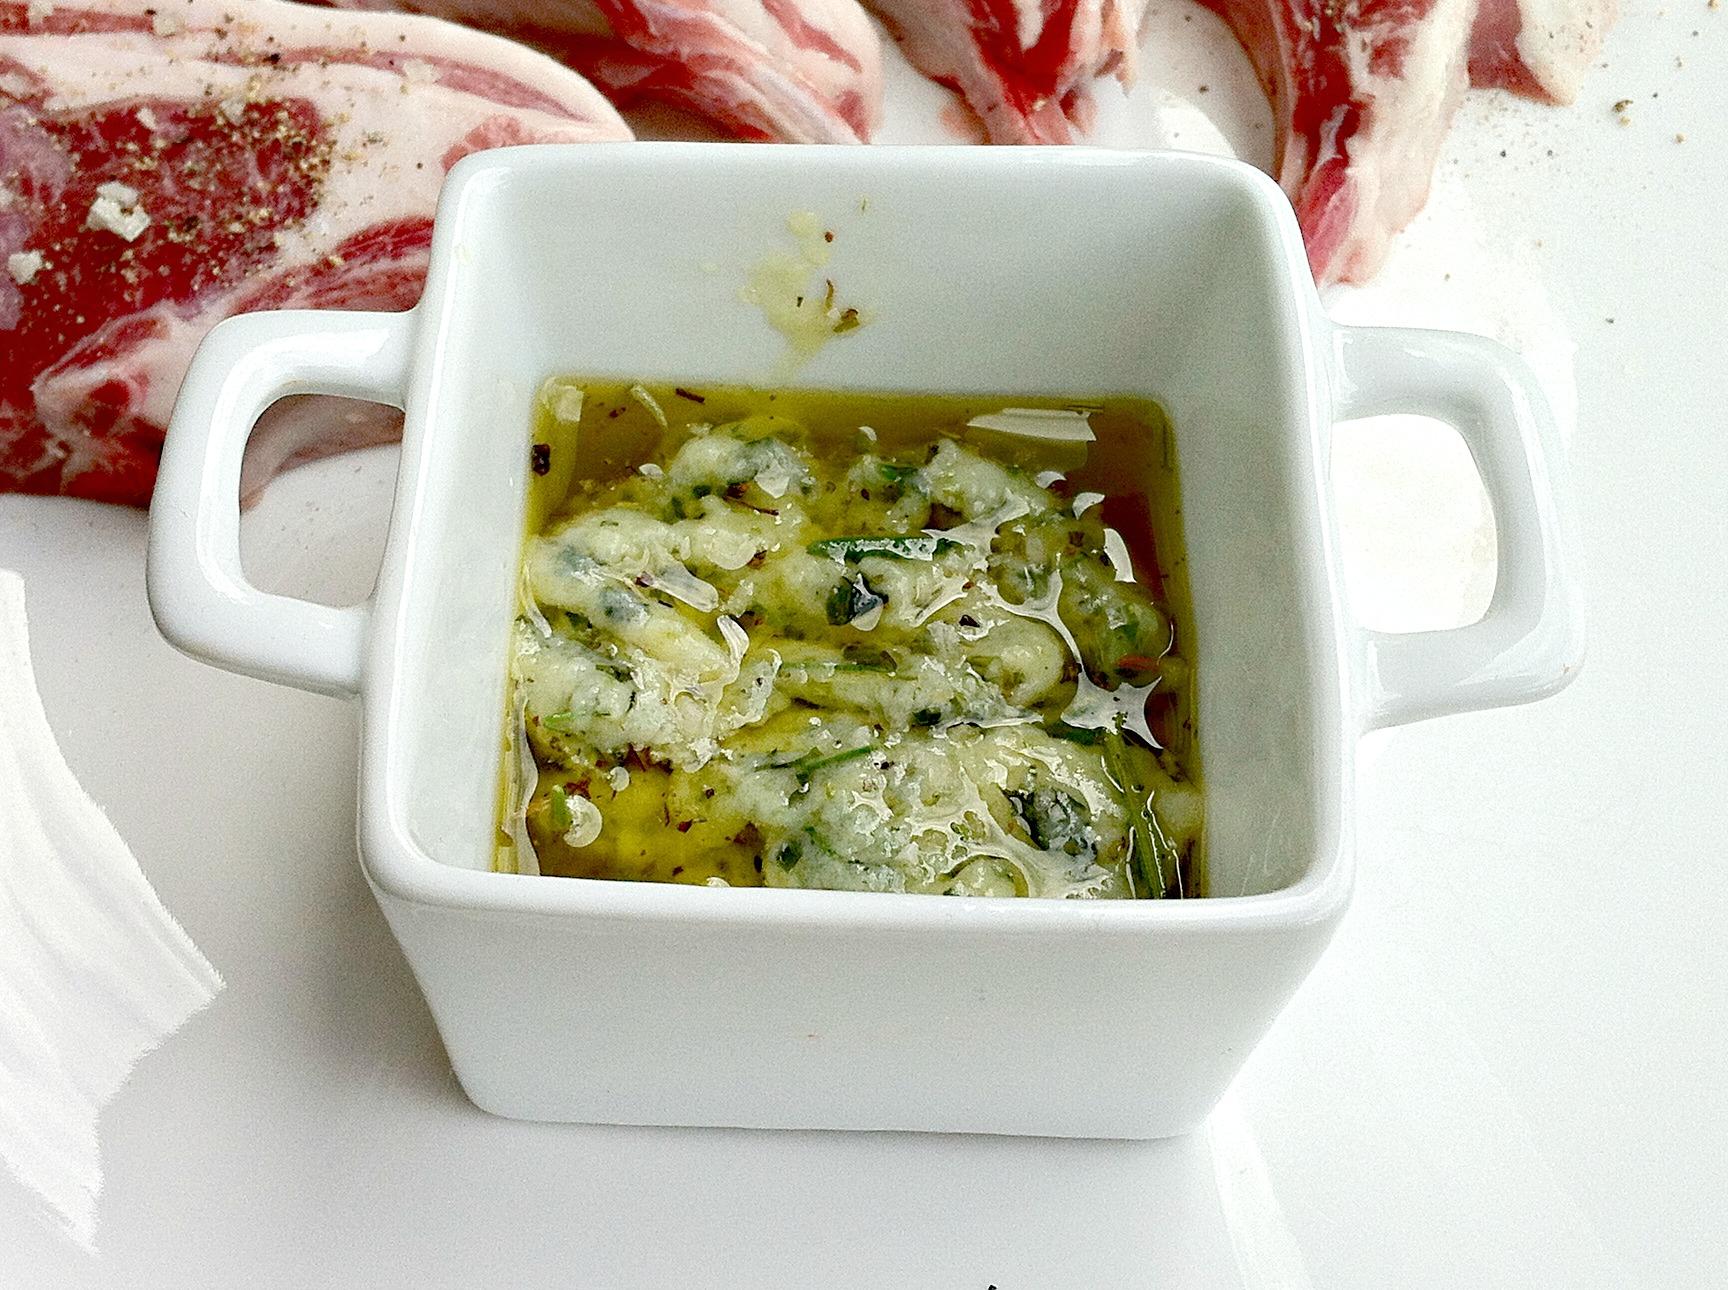 Garlic and Herb Rub Marinade